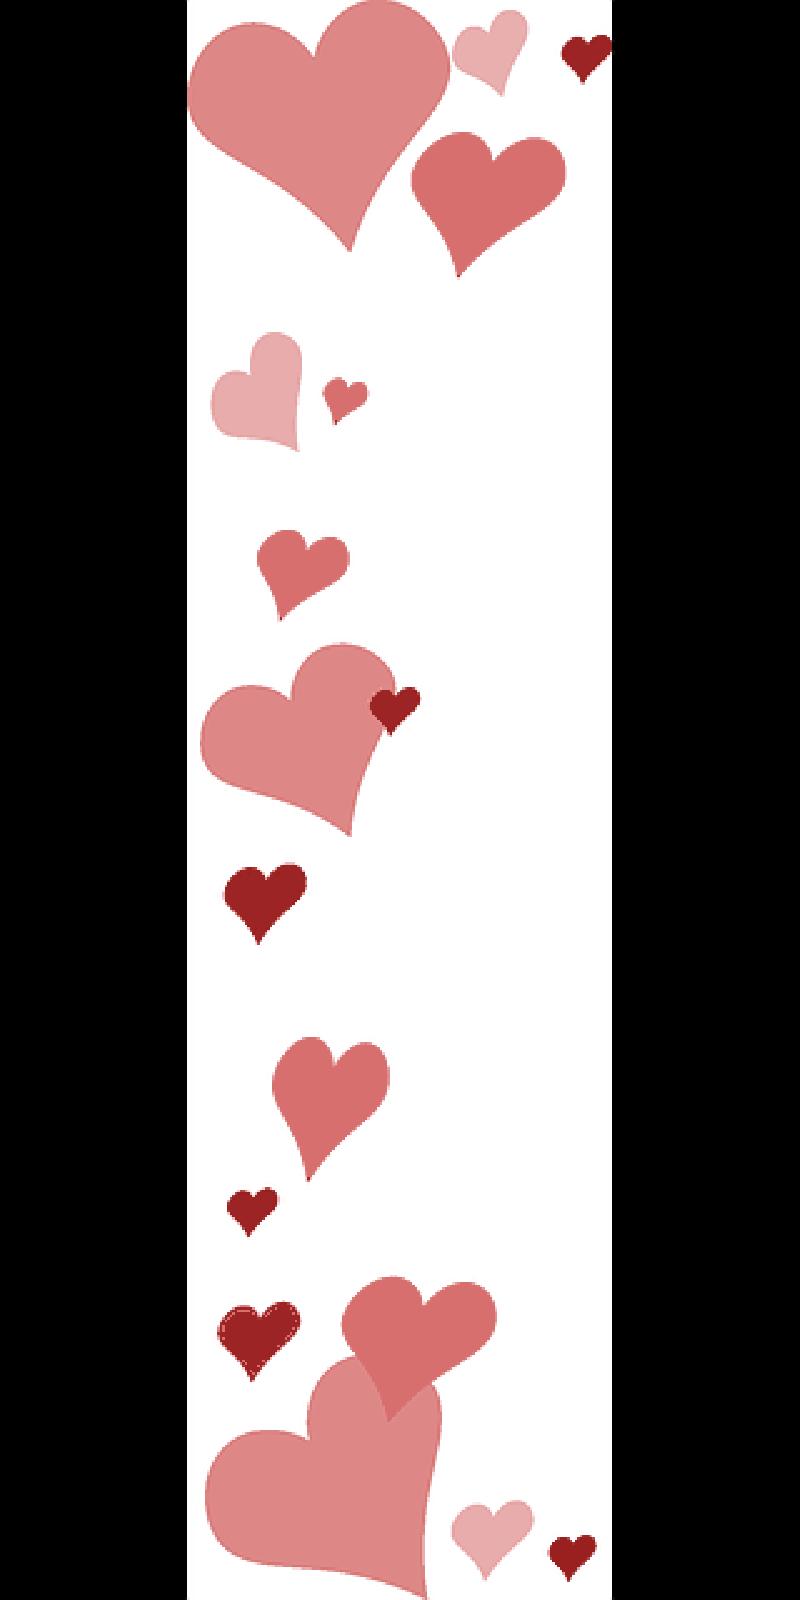 Love pink hearts transparentpng. Valentine border png